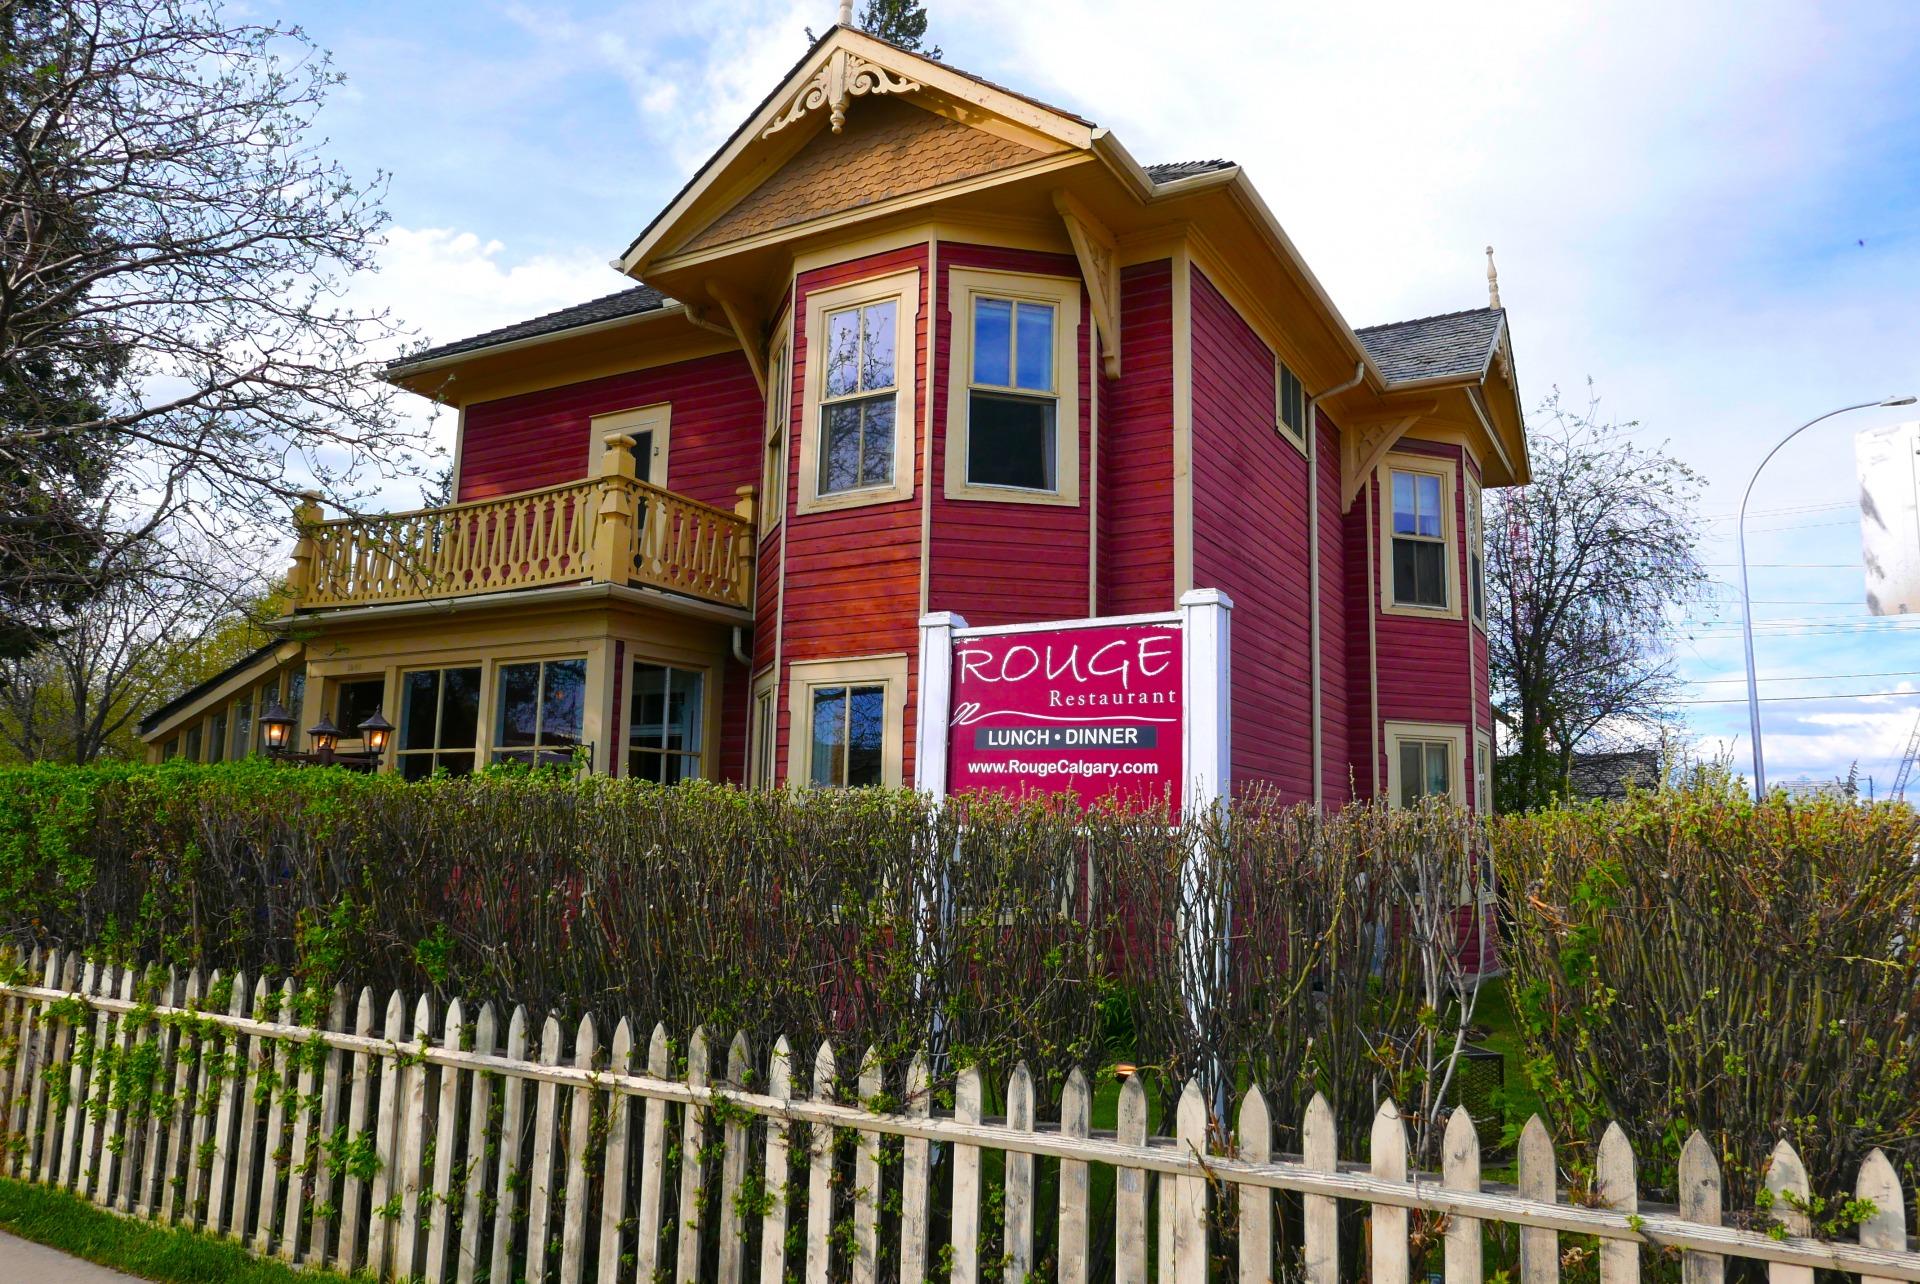 achada do Rouge Restaurant, instalado em um patrimônio histórico de Calgary